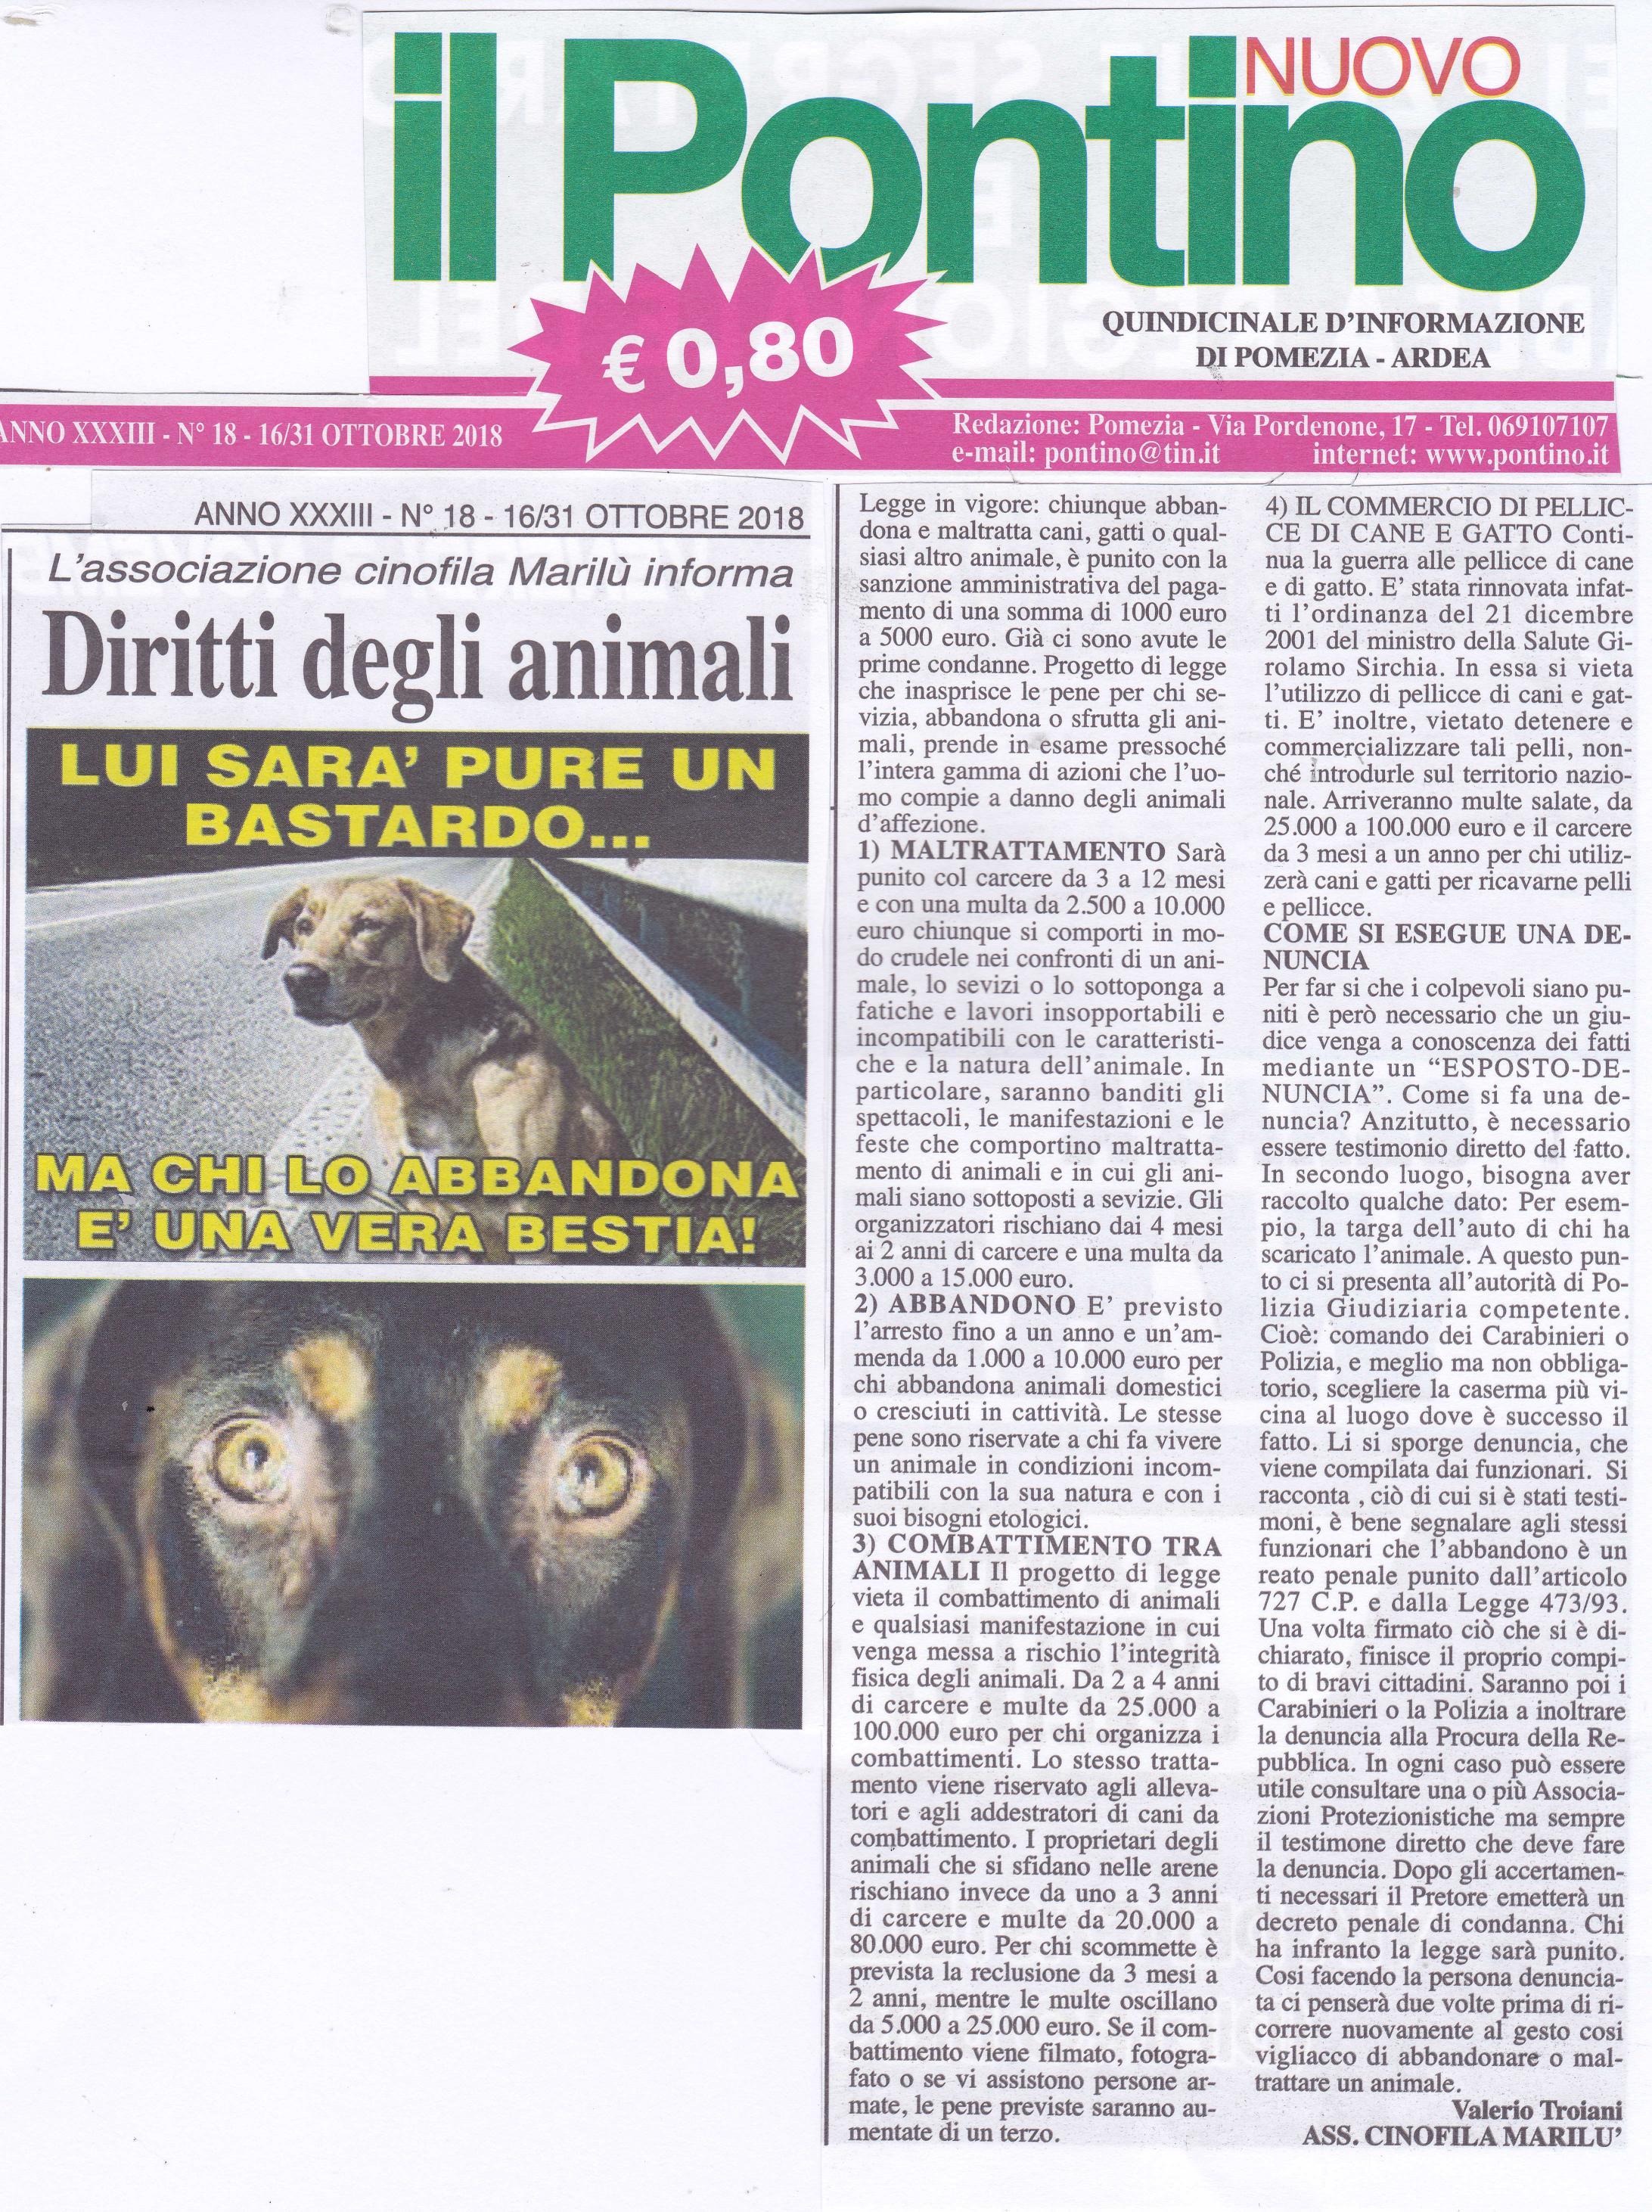 Diritti degli animali di Valerio Troiani